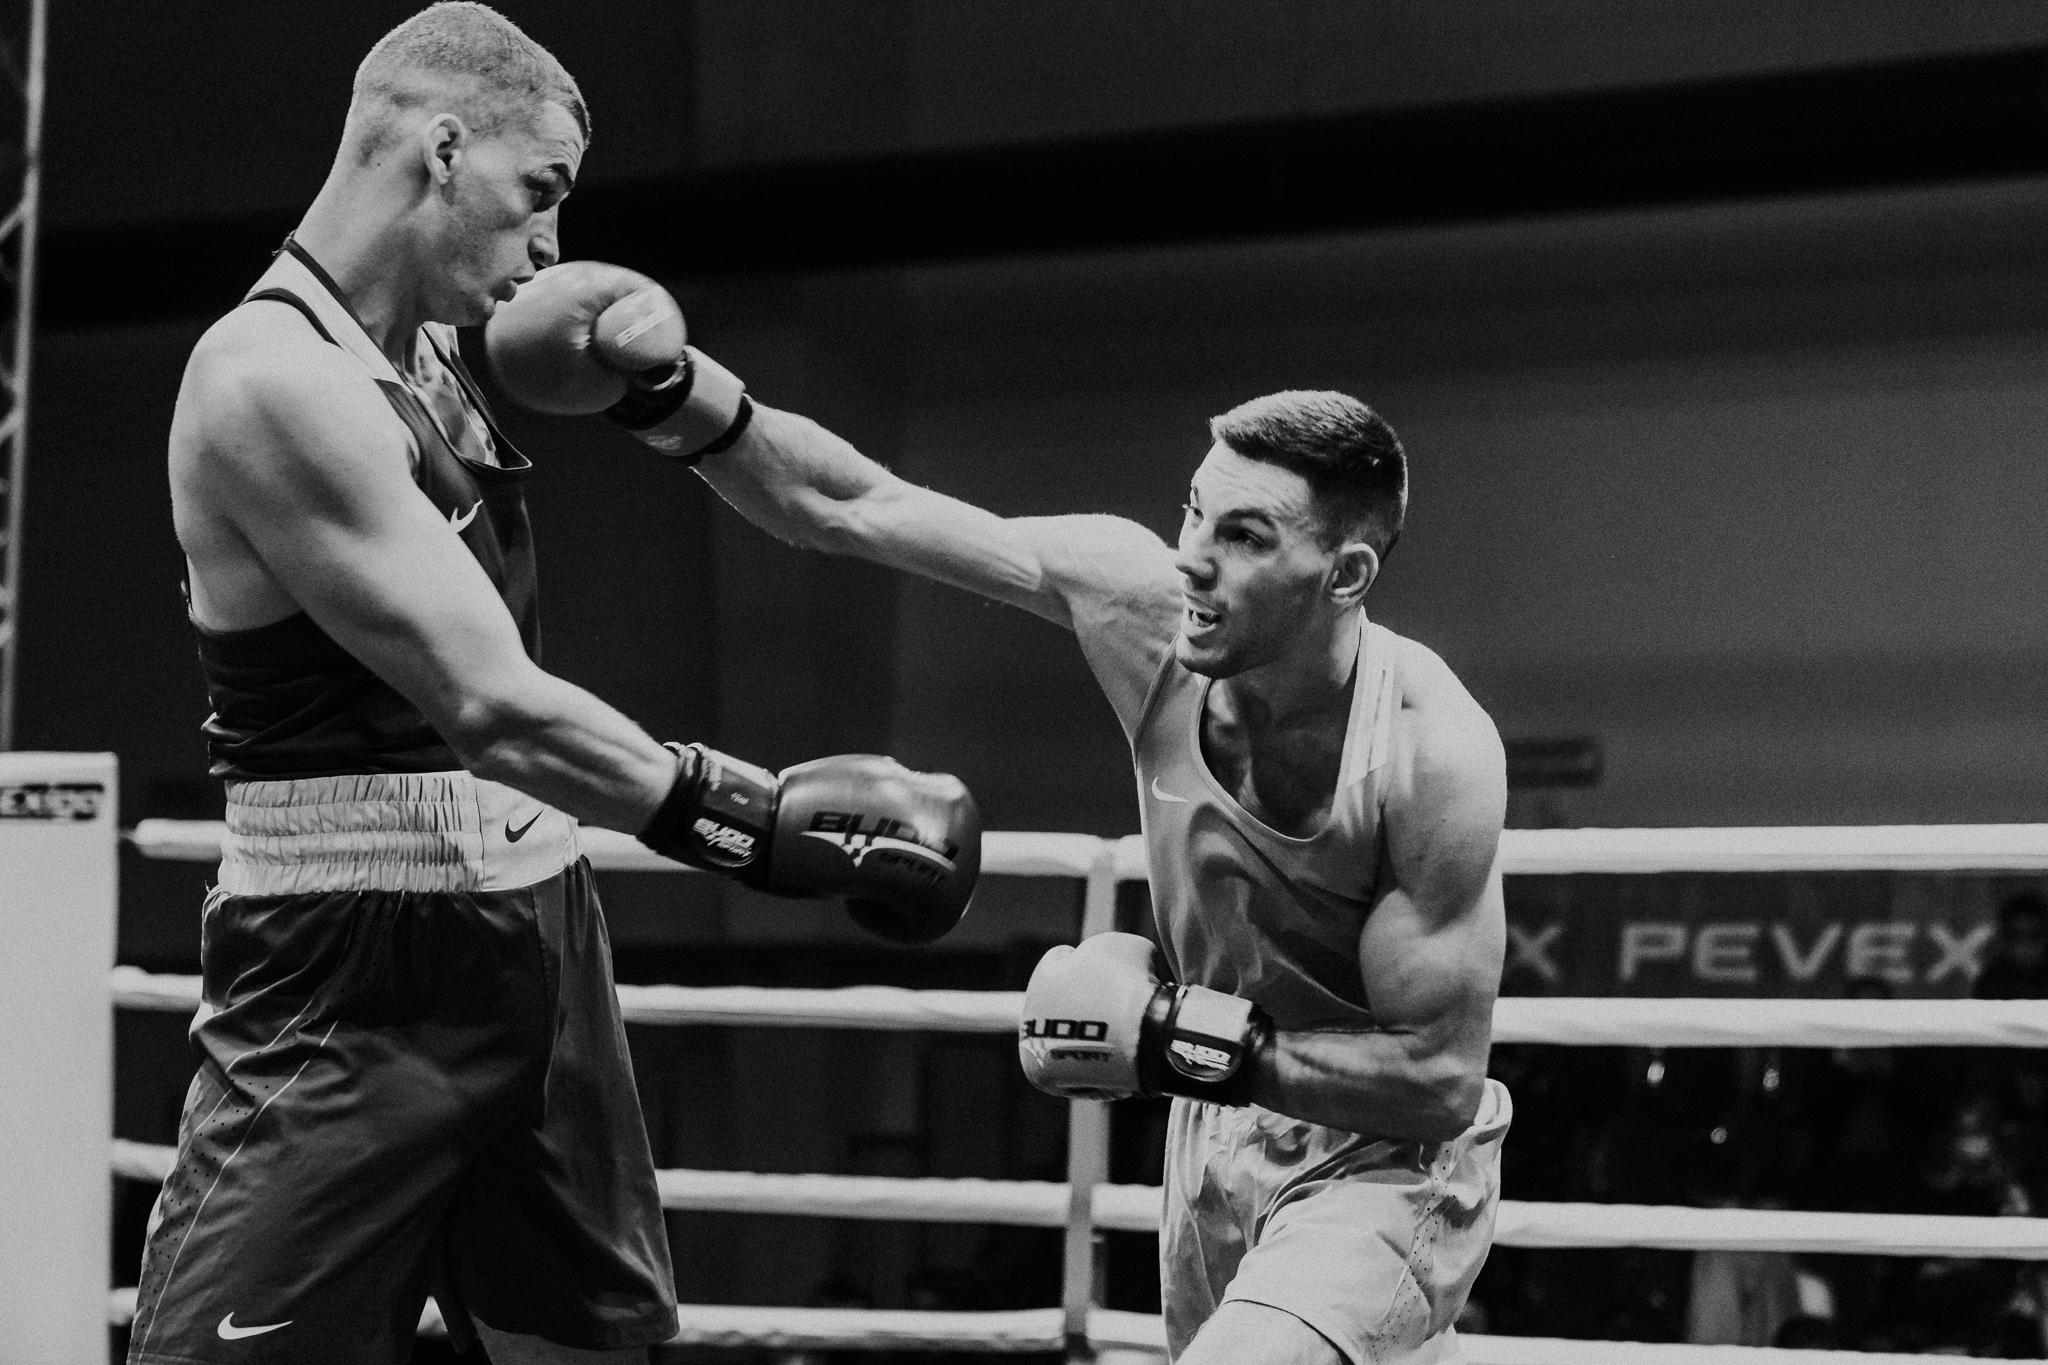 Hrvatska boksačka reprezentacija nastavlja s brojnim aktivnostima